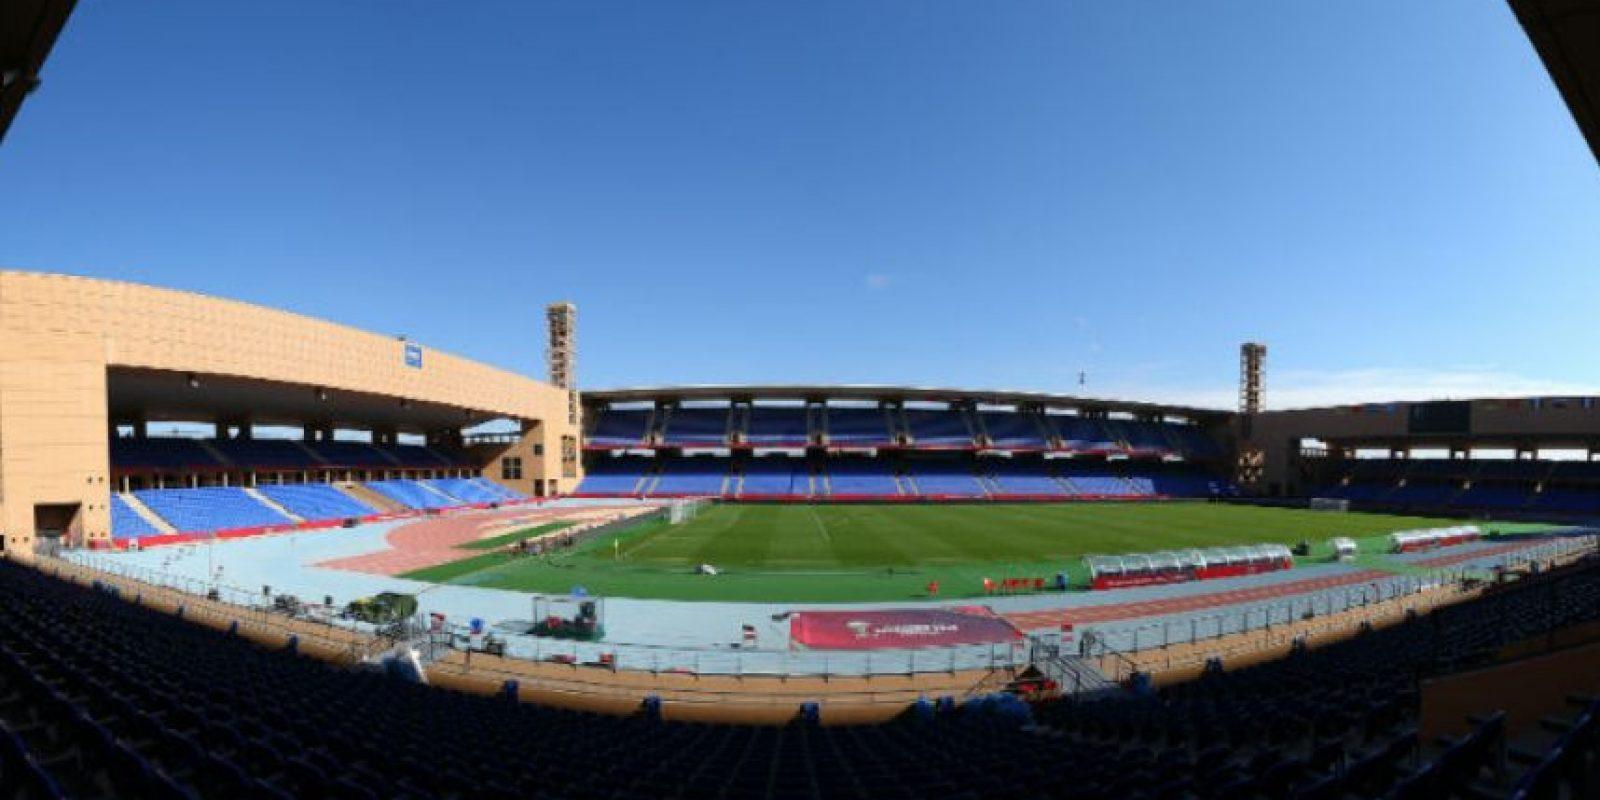 El estadio Marrakech es una de las sedes de la competición. Foto:Agencias